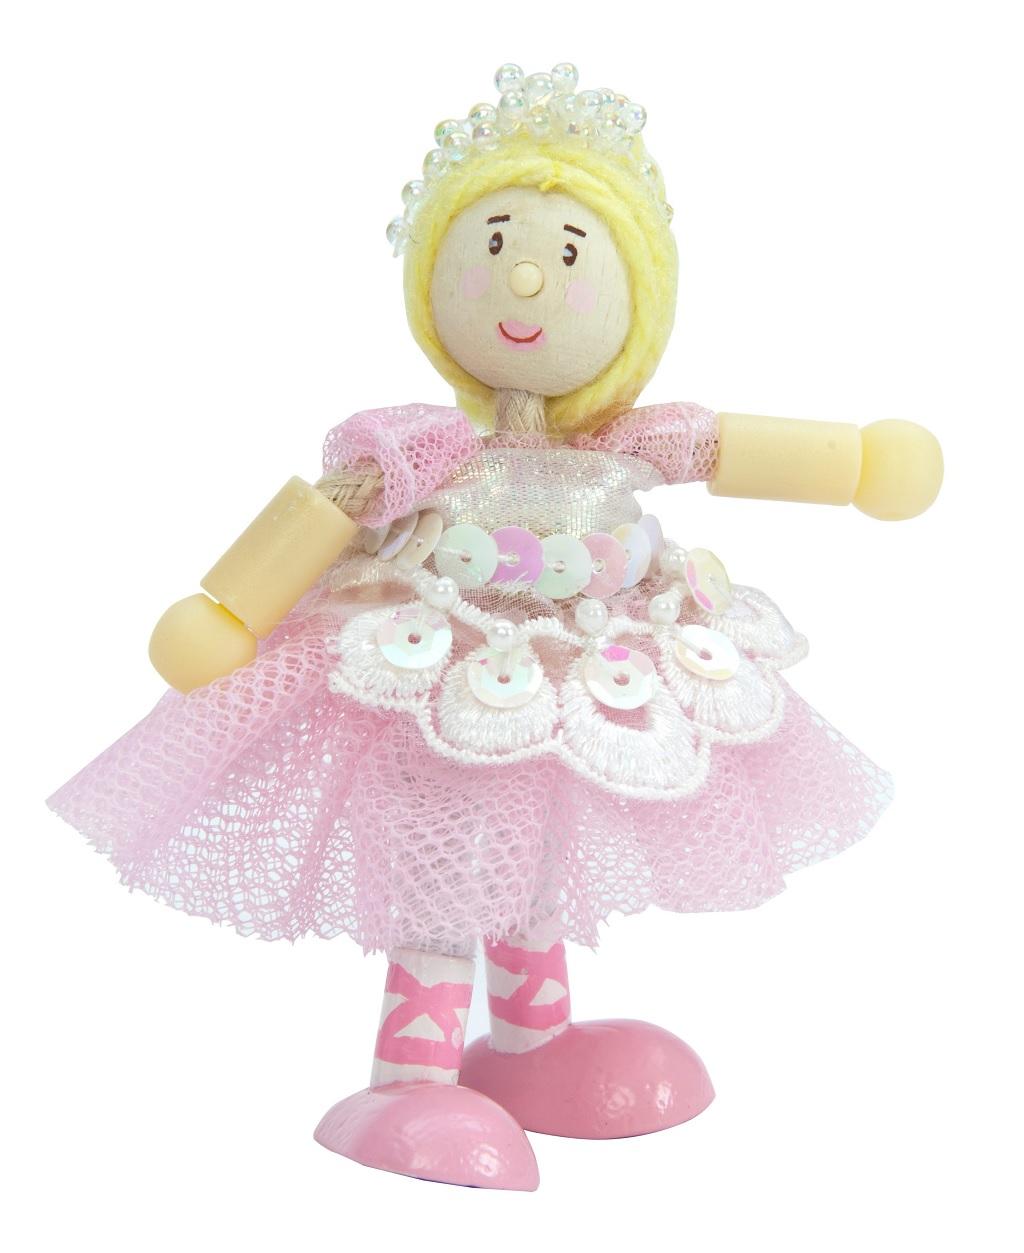 Le Toy Van Postavička balerína Bea